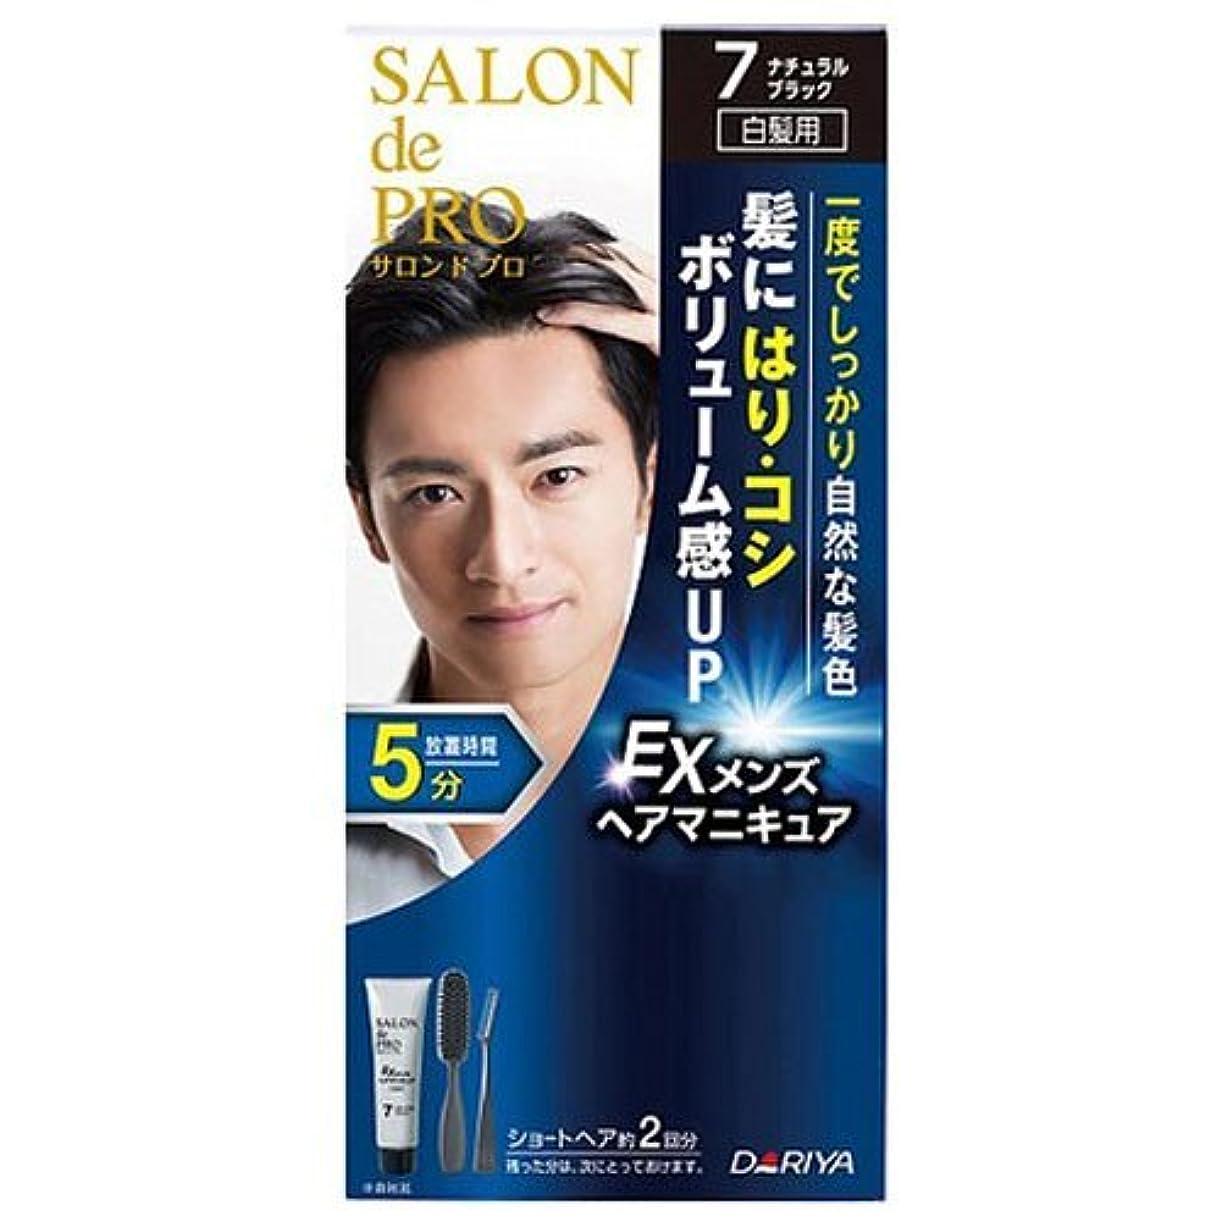 行うマニアック上記の頭と肩サロンドプロ EXメンズヘアマニキュア 白髪用 7 ナチュラルブラック